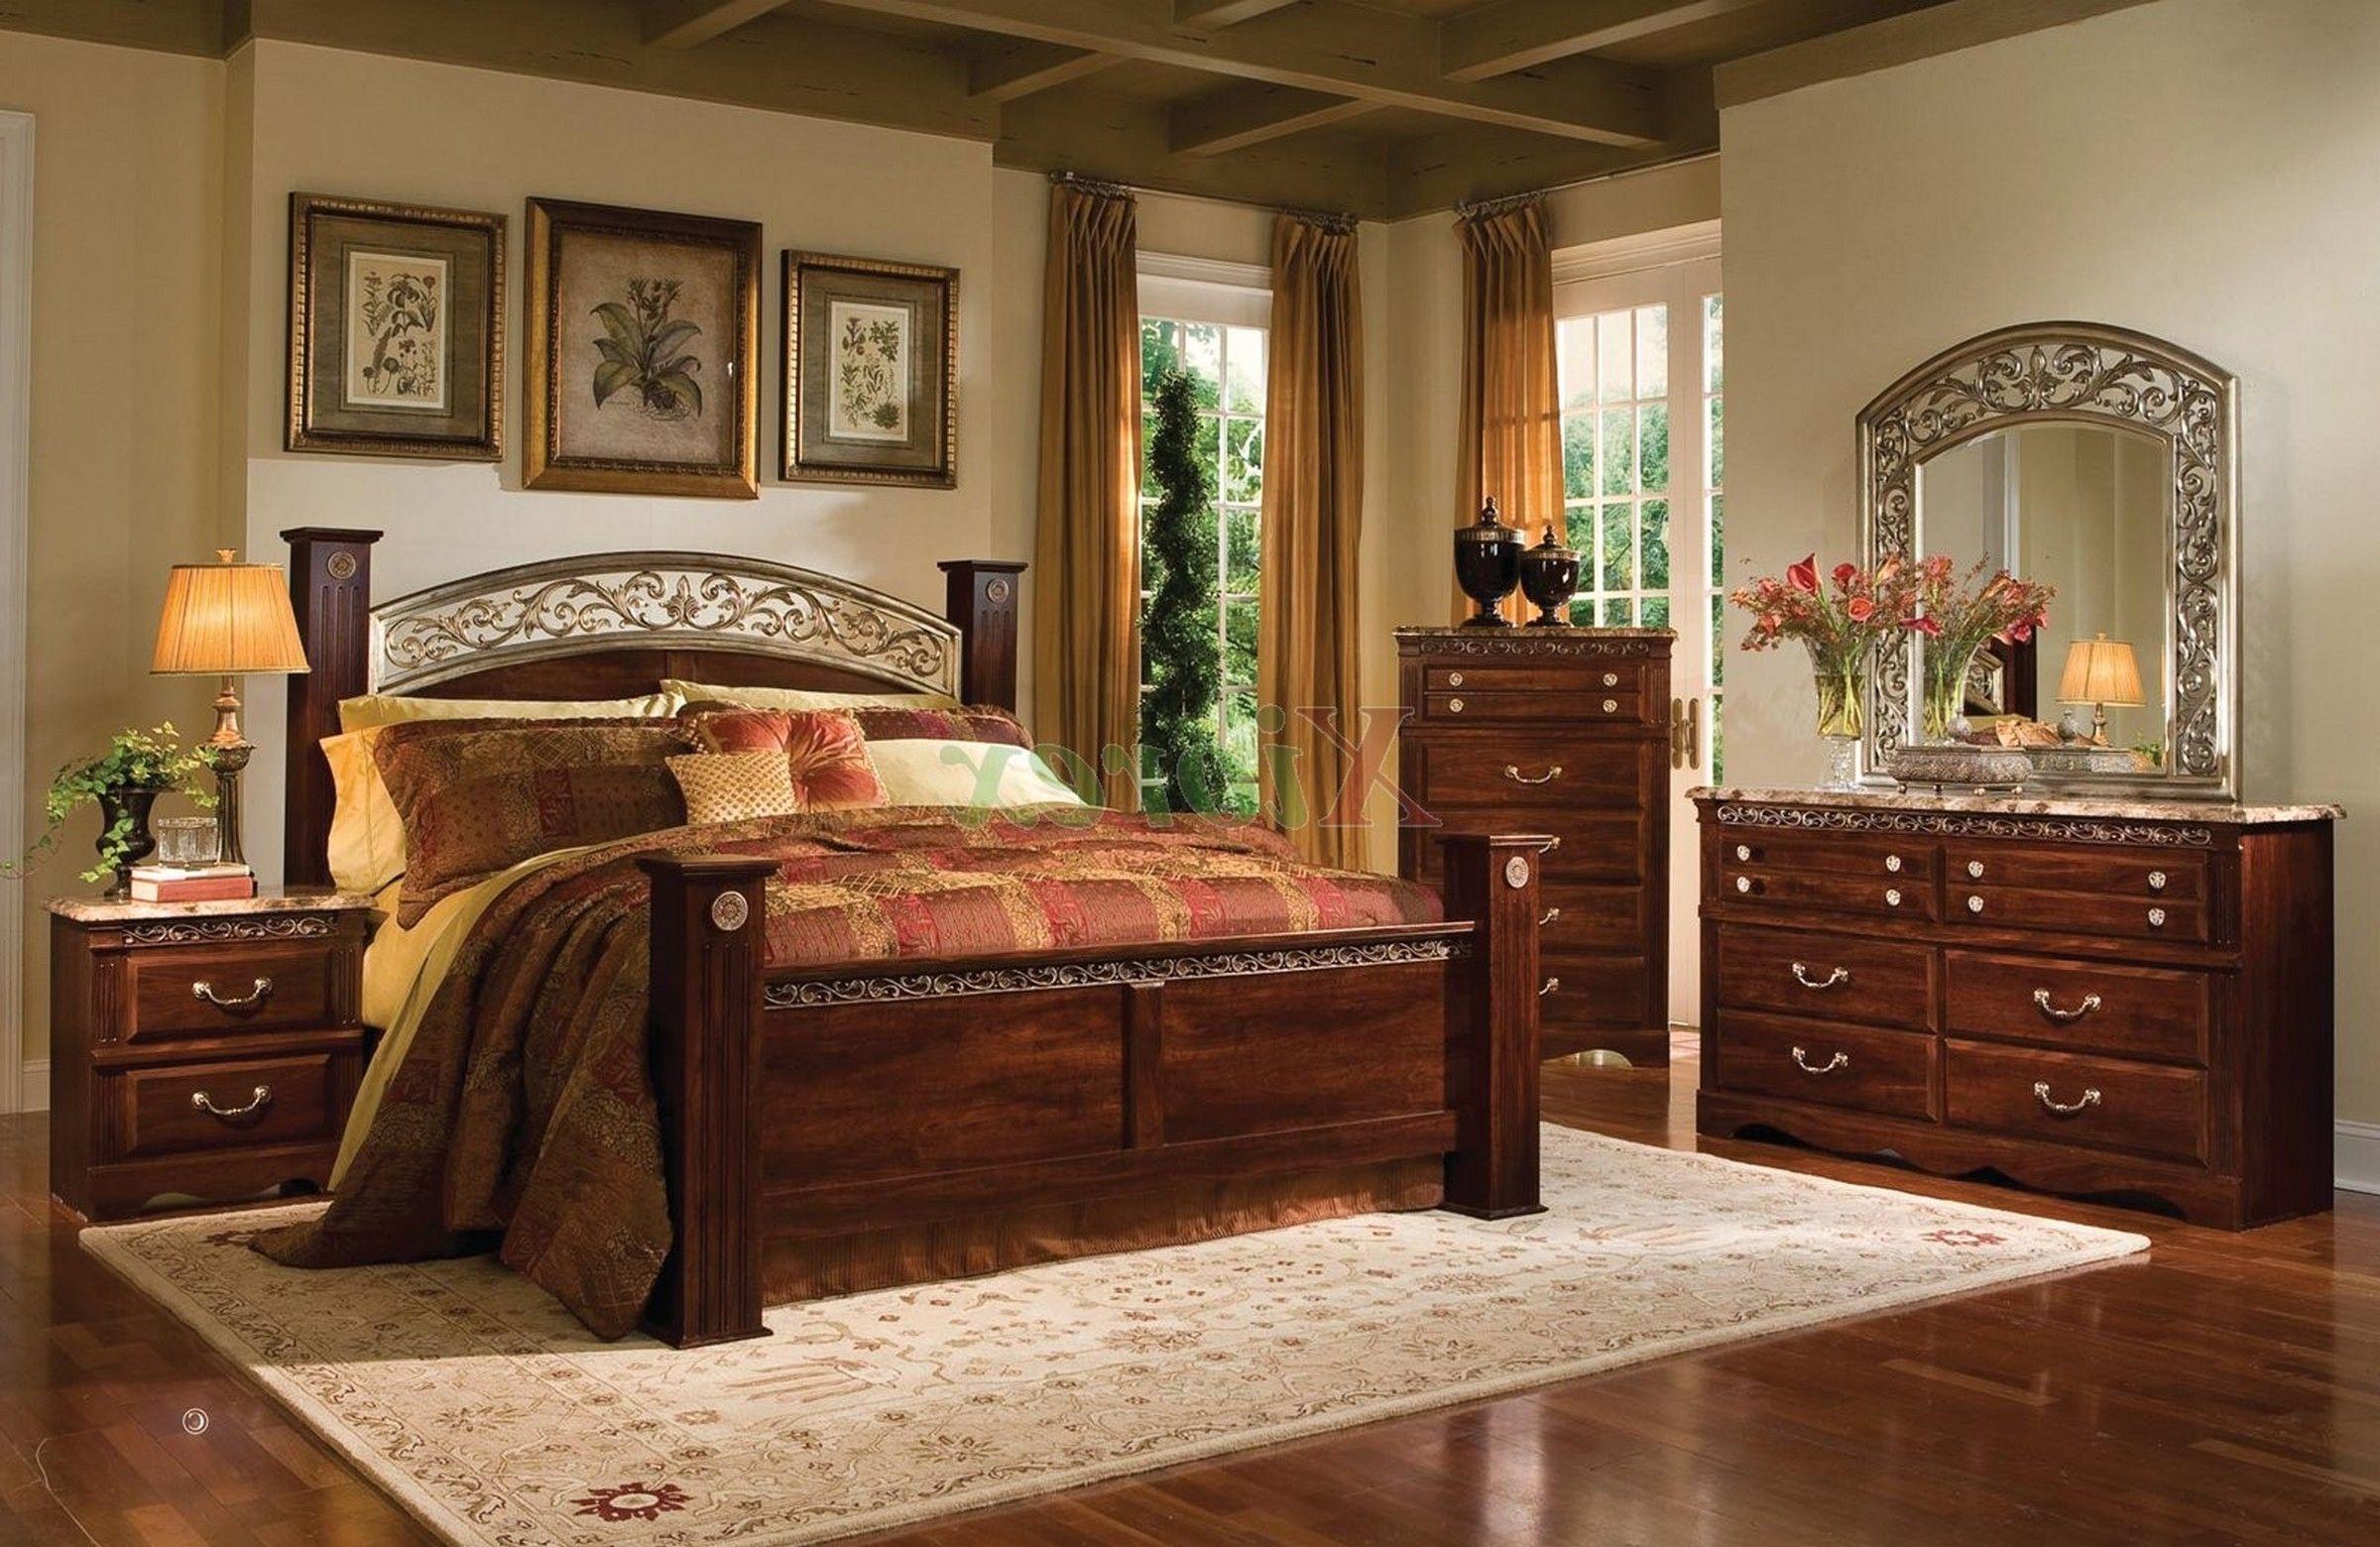 Bedrooms Furniture Design Wood Furniture Bedroom Design #picture1  Bedroom Furniture